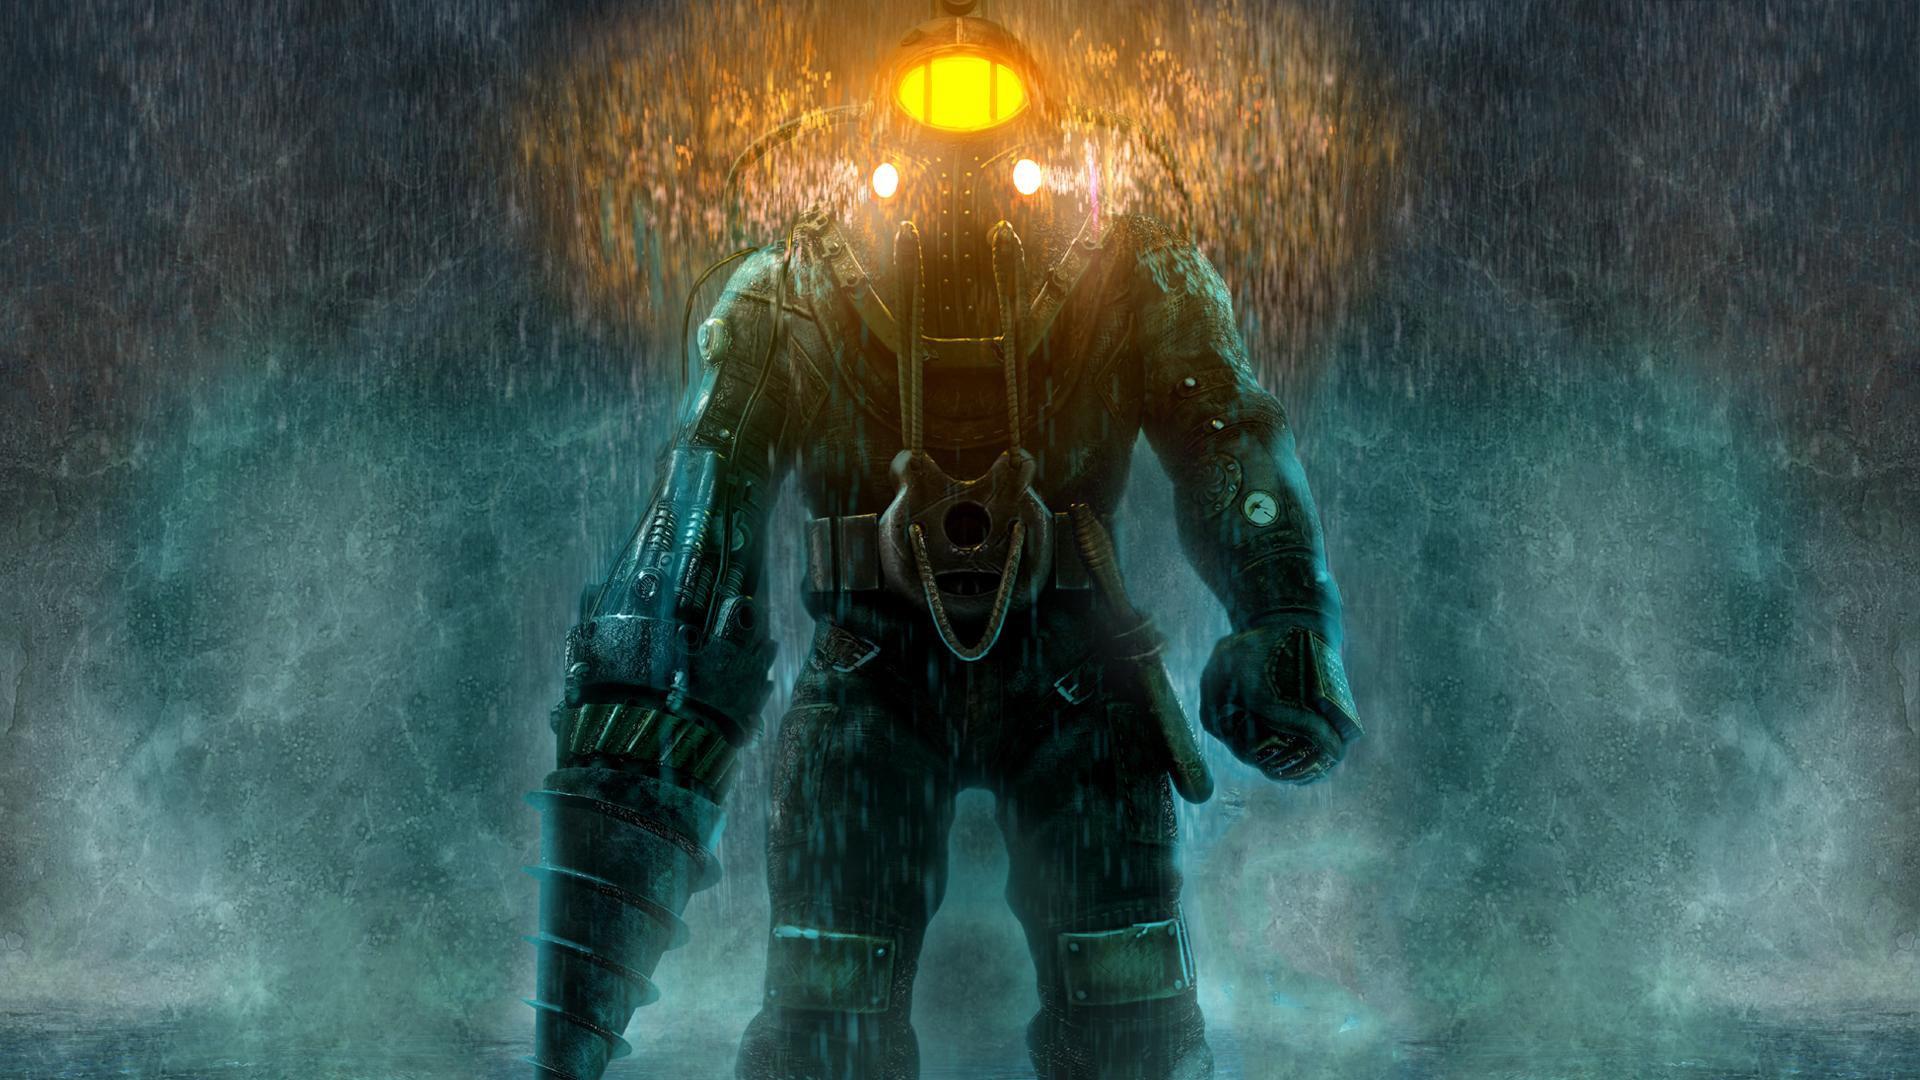 Слух: новую BioShock анонсируют в этом году